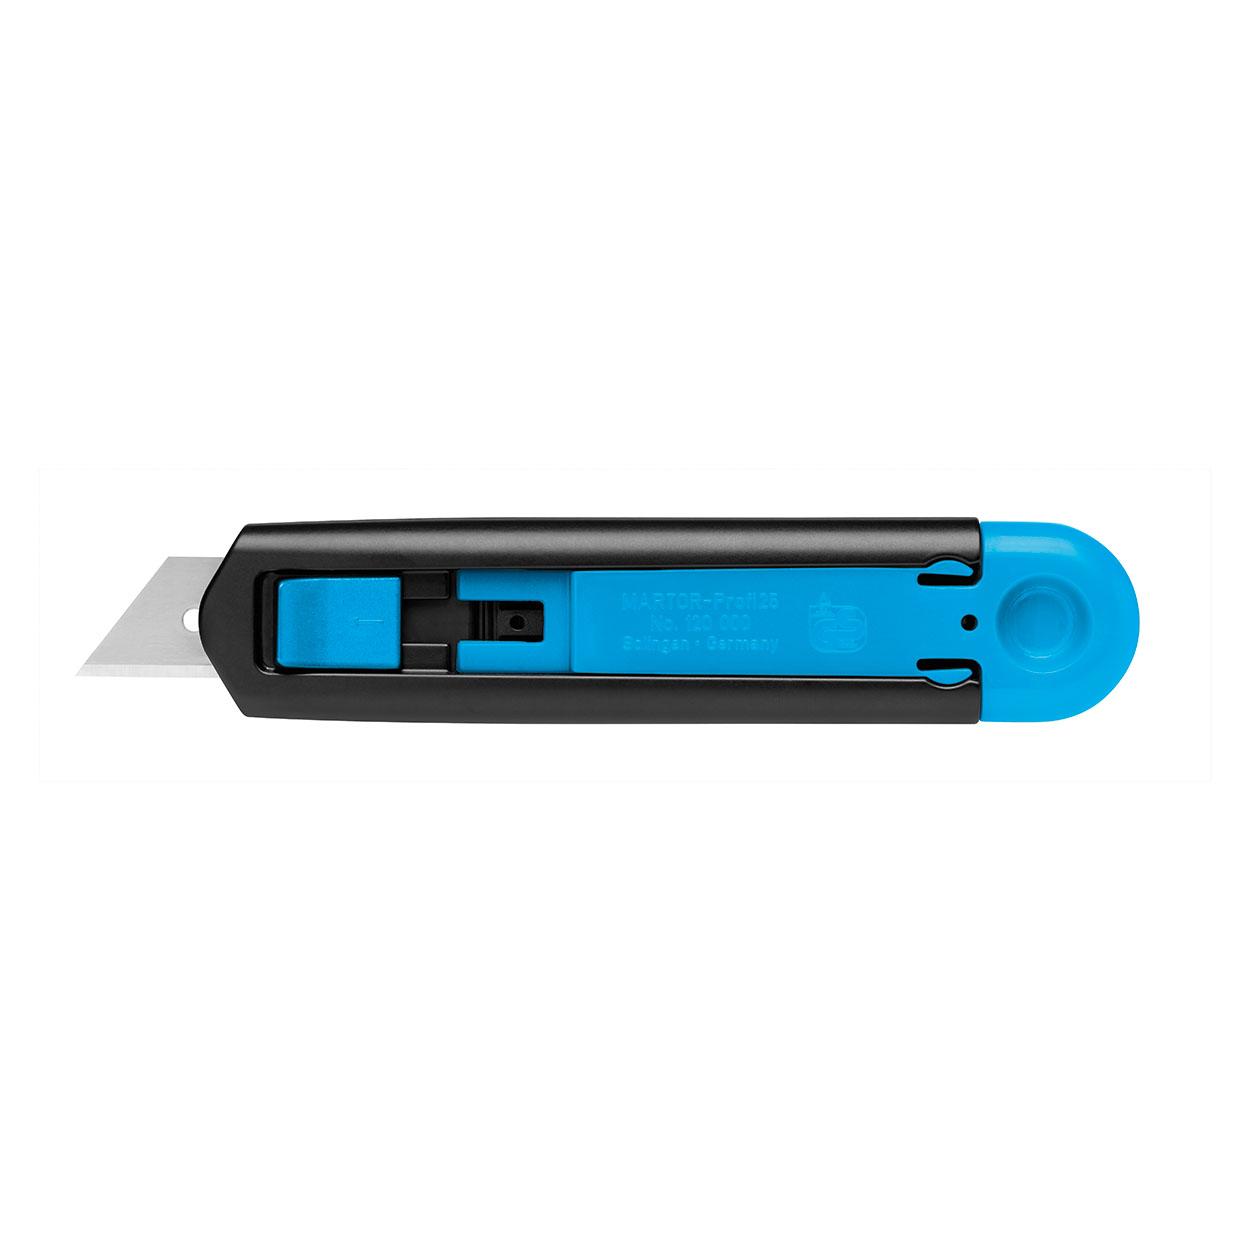 SECUNORM PROFI25 - Bezpečnostný nôž s vysúvacou čepeľou